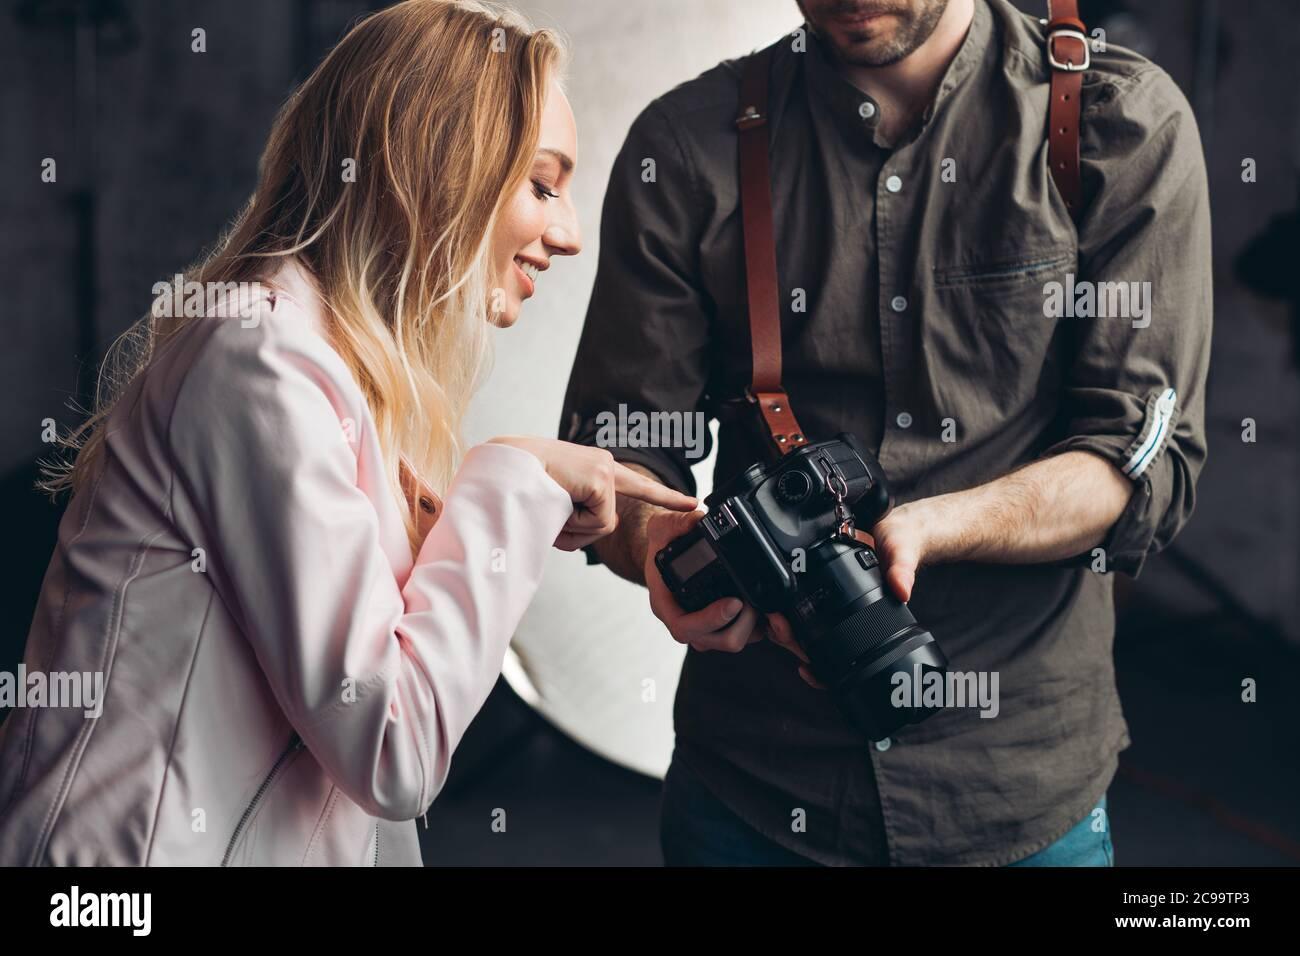 impresionante bonita chica señalando la foto mientras trabajaba con un fotógrafo, chica alegre dando consejos para el fotógrafo en el estudio Foto de stock